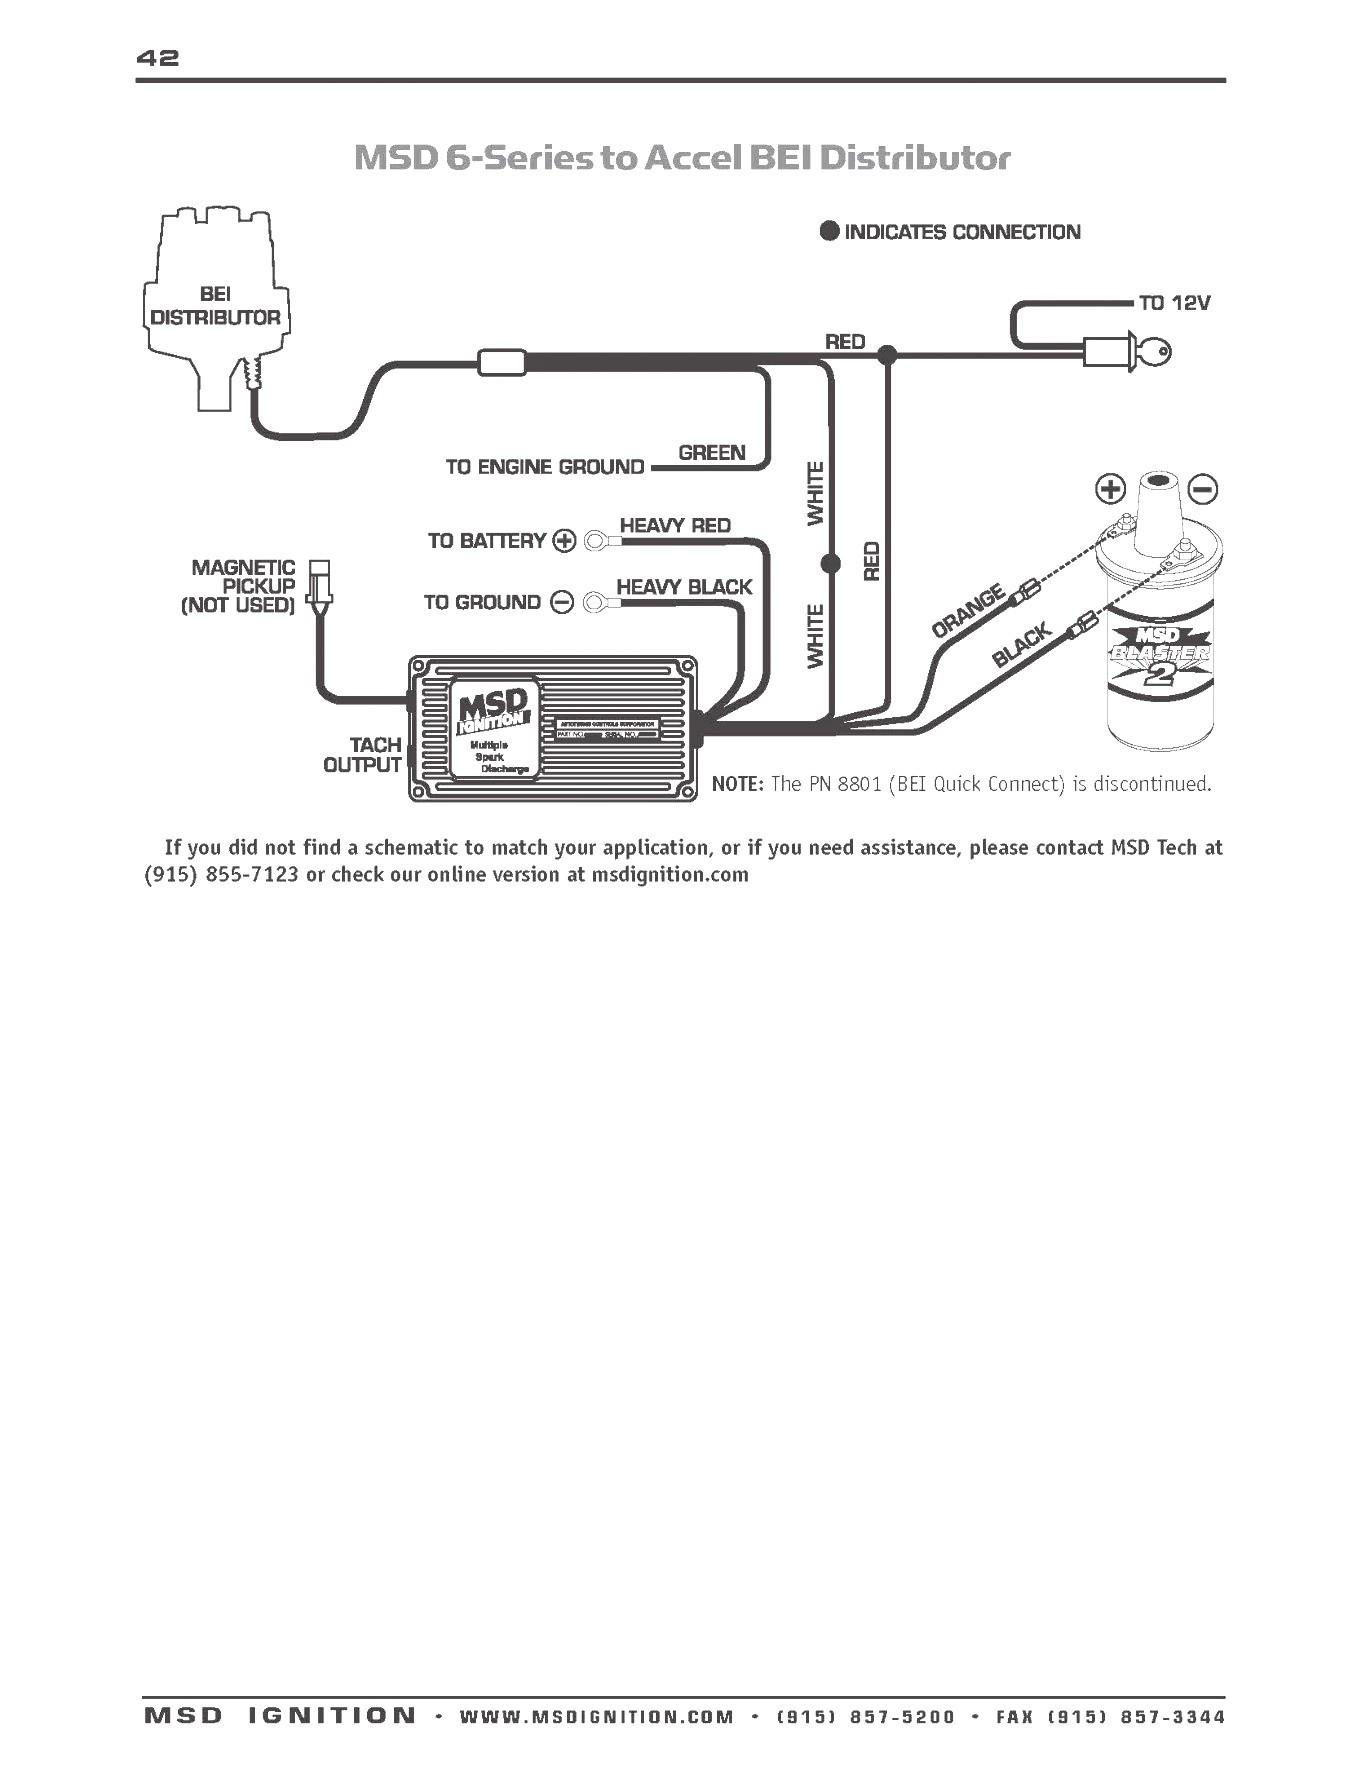 ford 460 msd 7al wiring diagram dw 5095  msd ignition box wiring diagram  dw 5095  msd ignition box wiring diagram